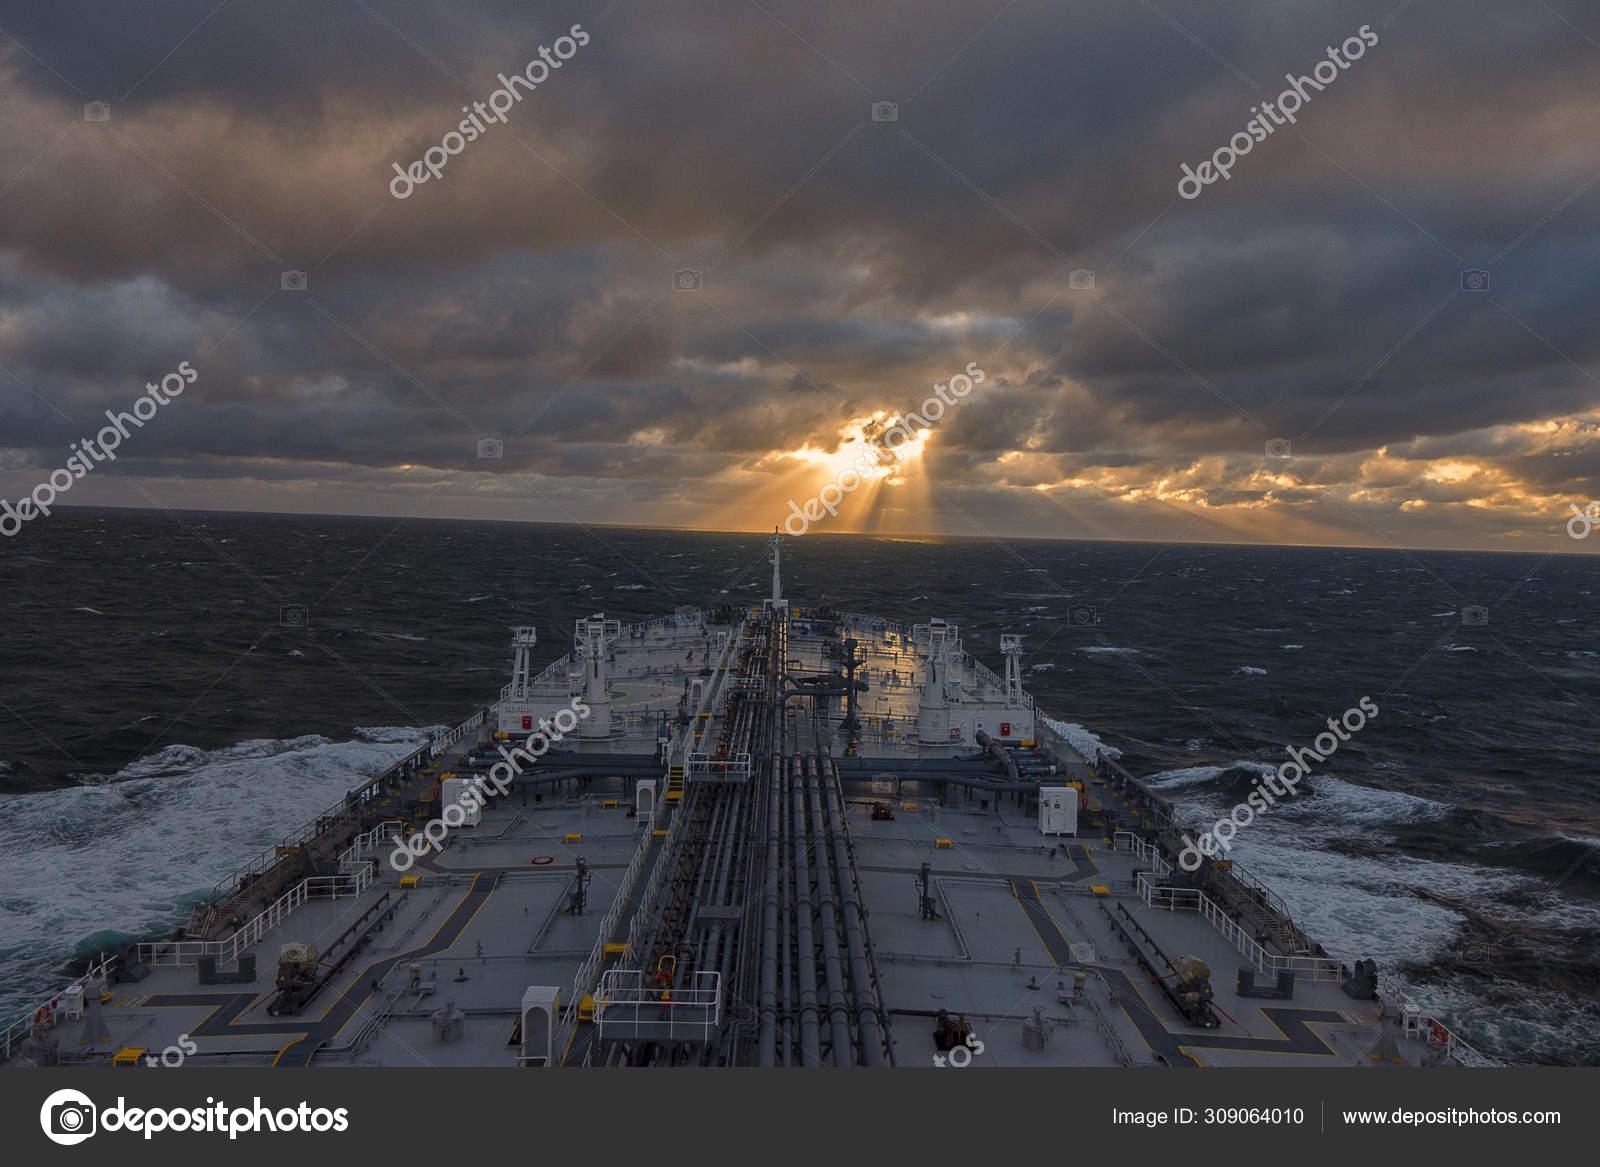 嵐の天候の日の出を背景に原油タンカーのデッキ 美しいデスクトップの